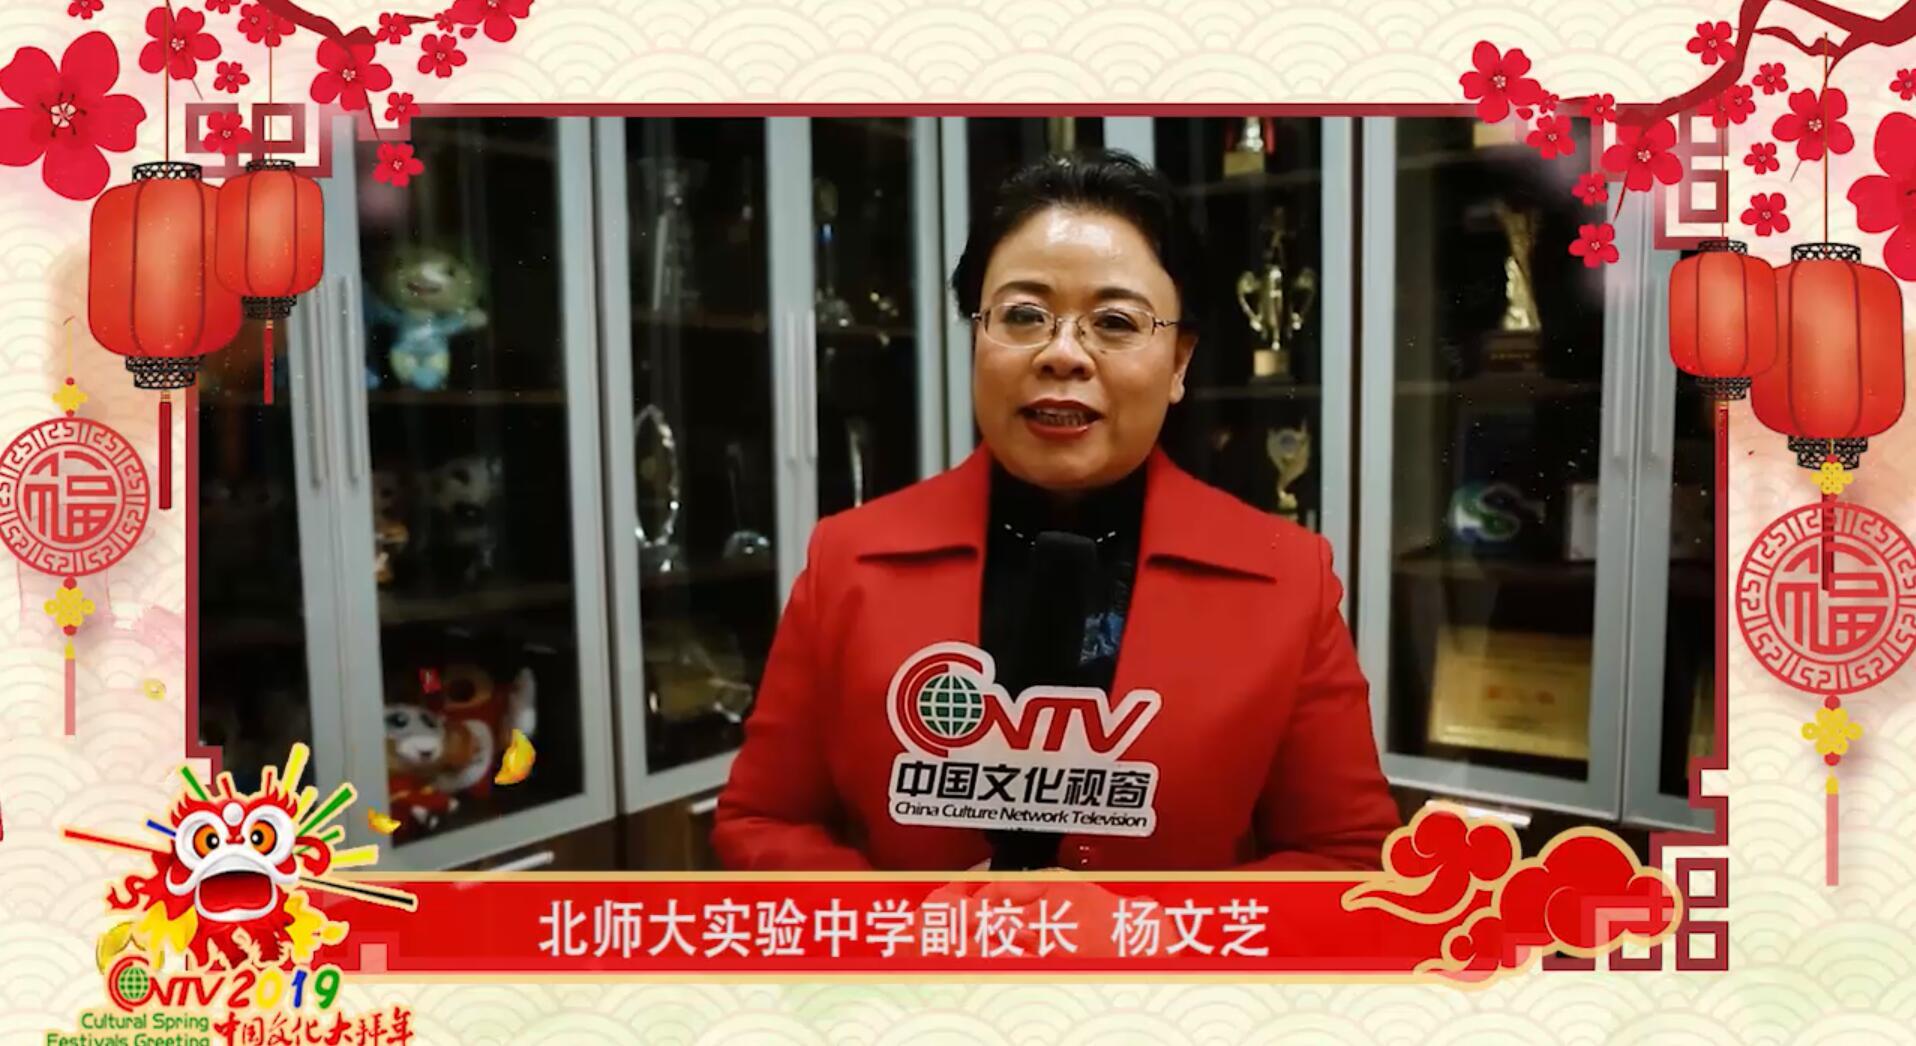 北师大实验学校副校长杨文芝:祝所有实验学子做自己最想成为的那个人!